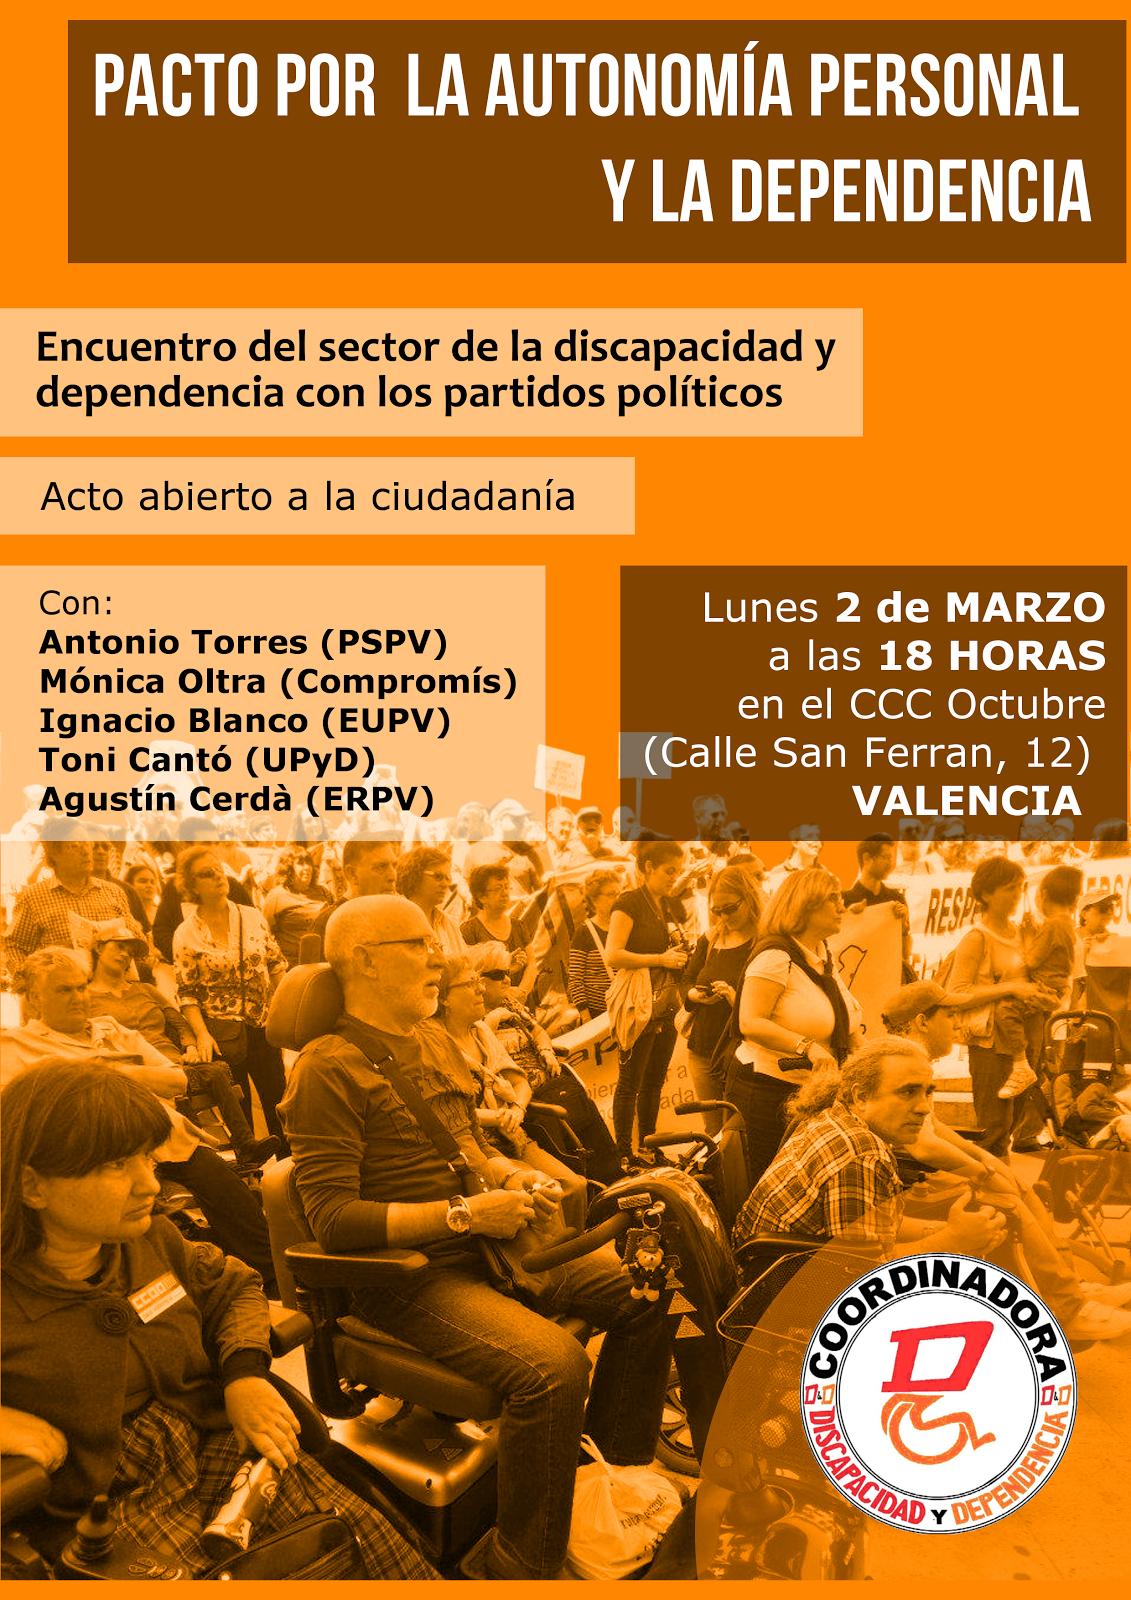 Pacto de políticos con la ciudadanía por la JUSTICIA SOCIAL